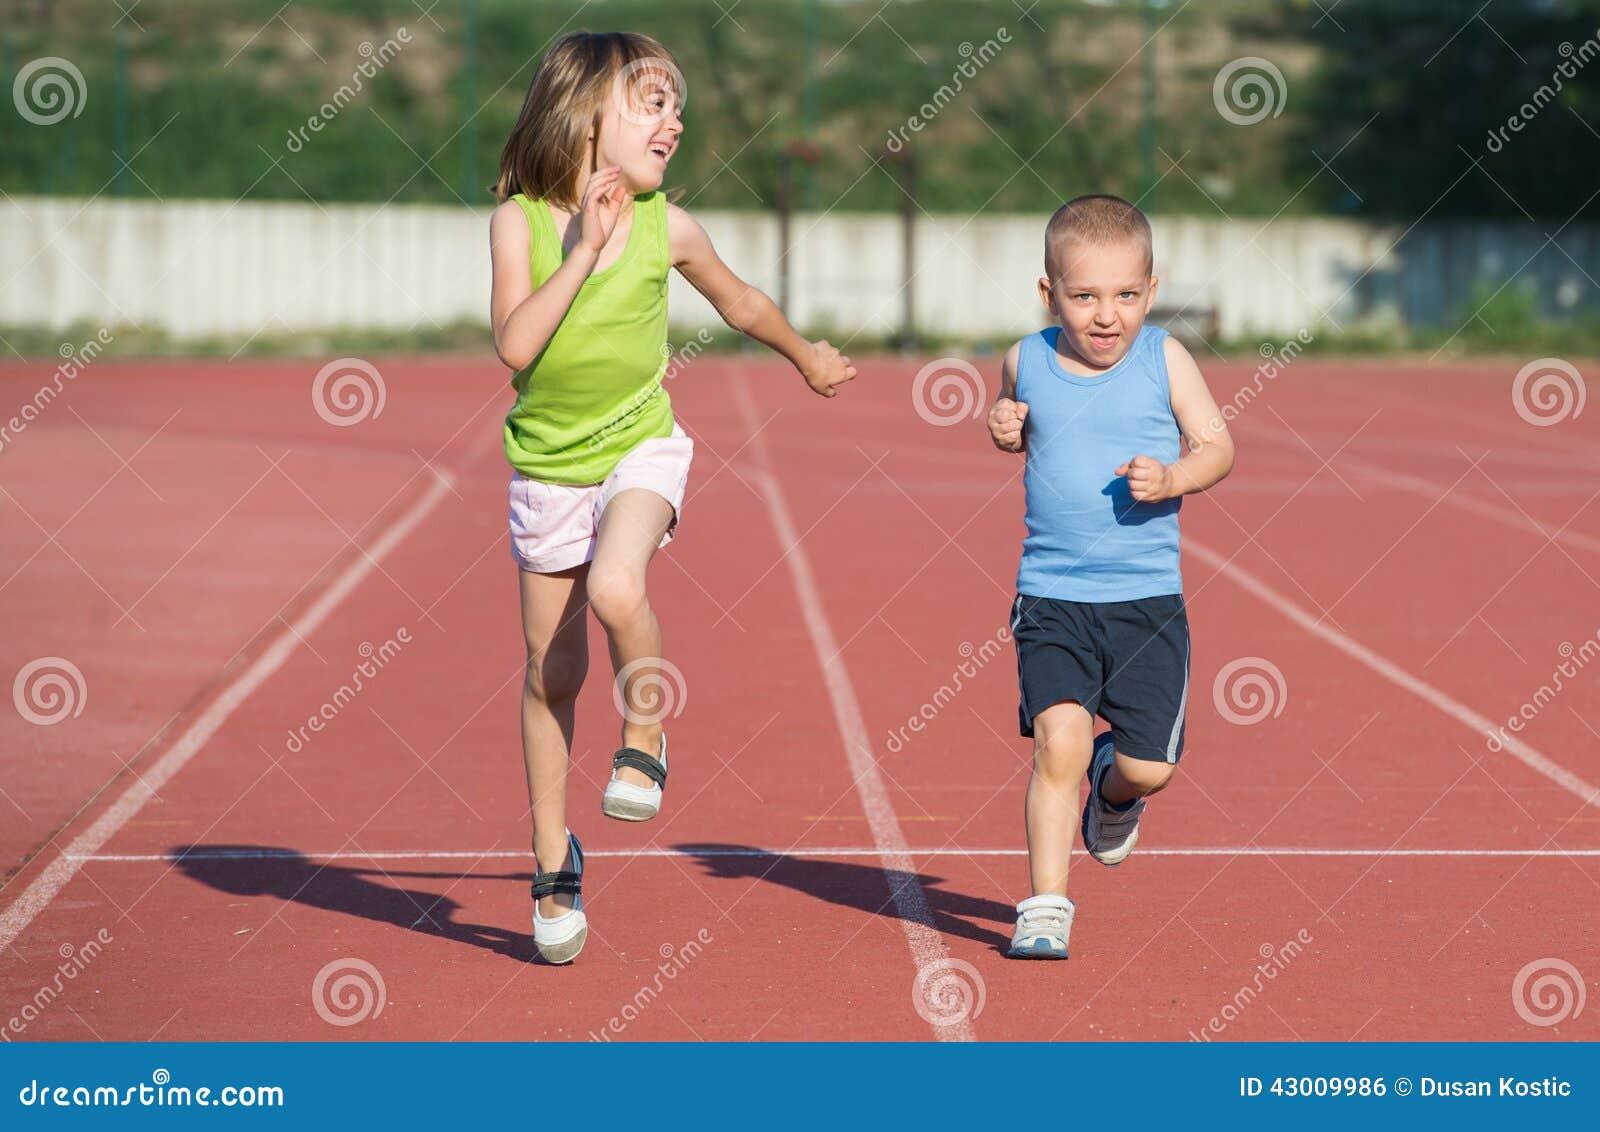 Children Running Stock Photo - Image: 43009986